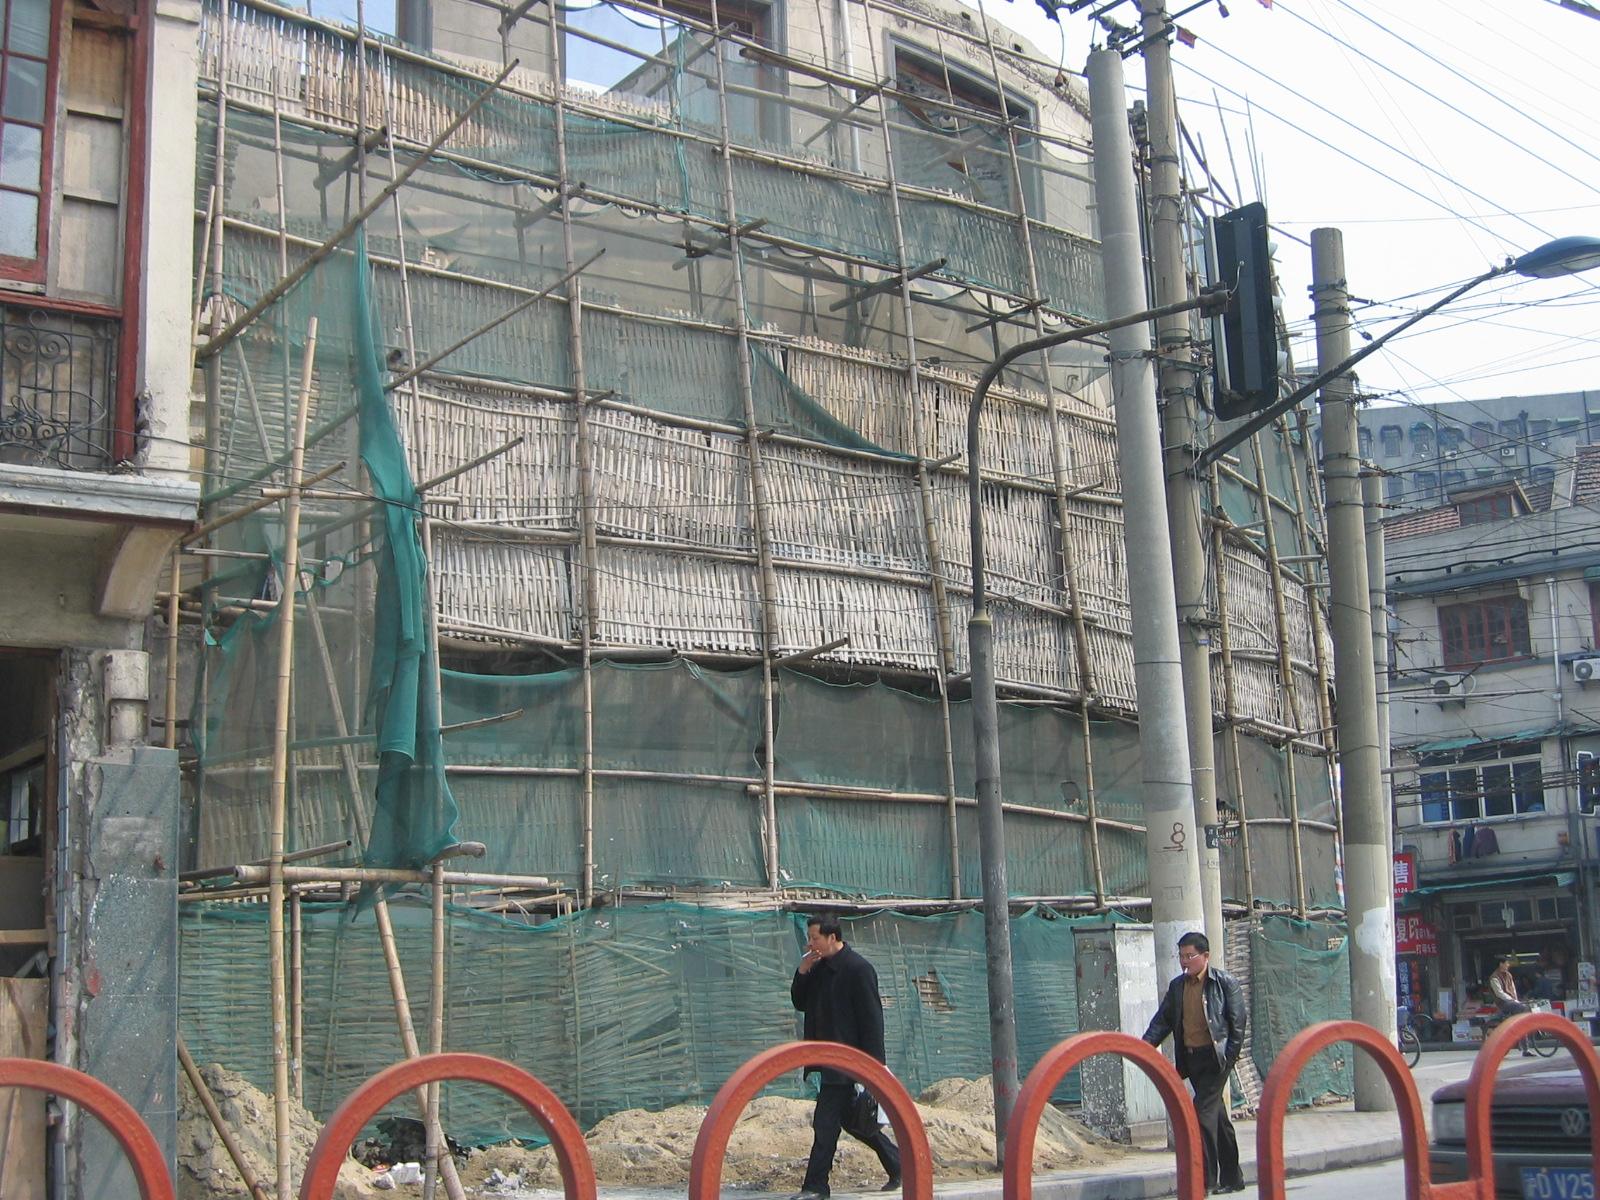 Baugerüste sind hier aus Bambus, das sieht erstmal kurios aus, ist aber sicher